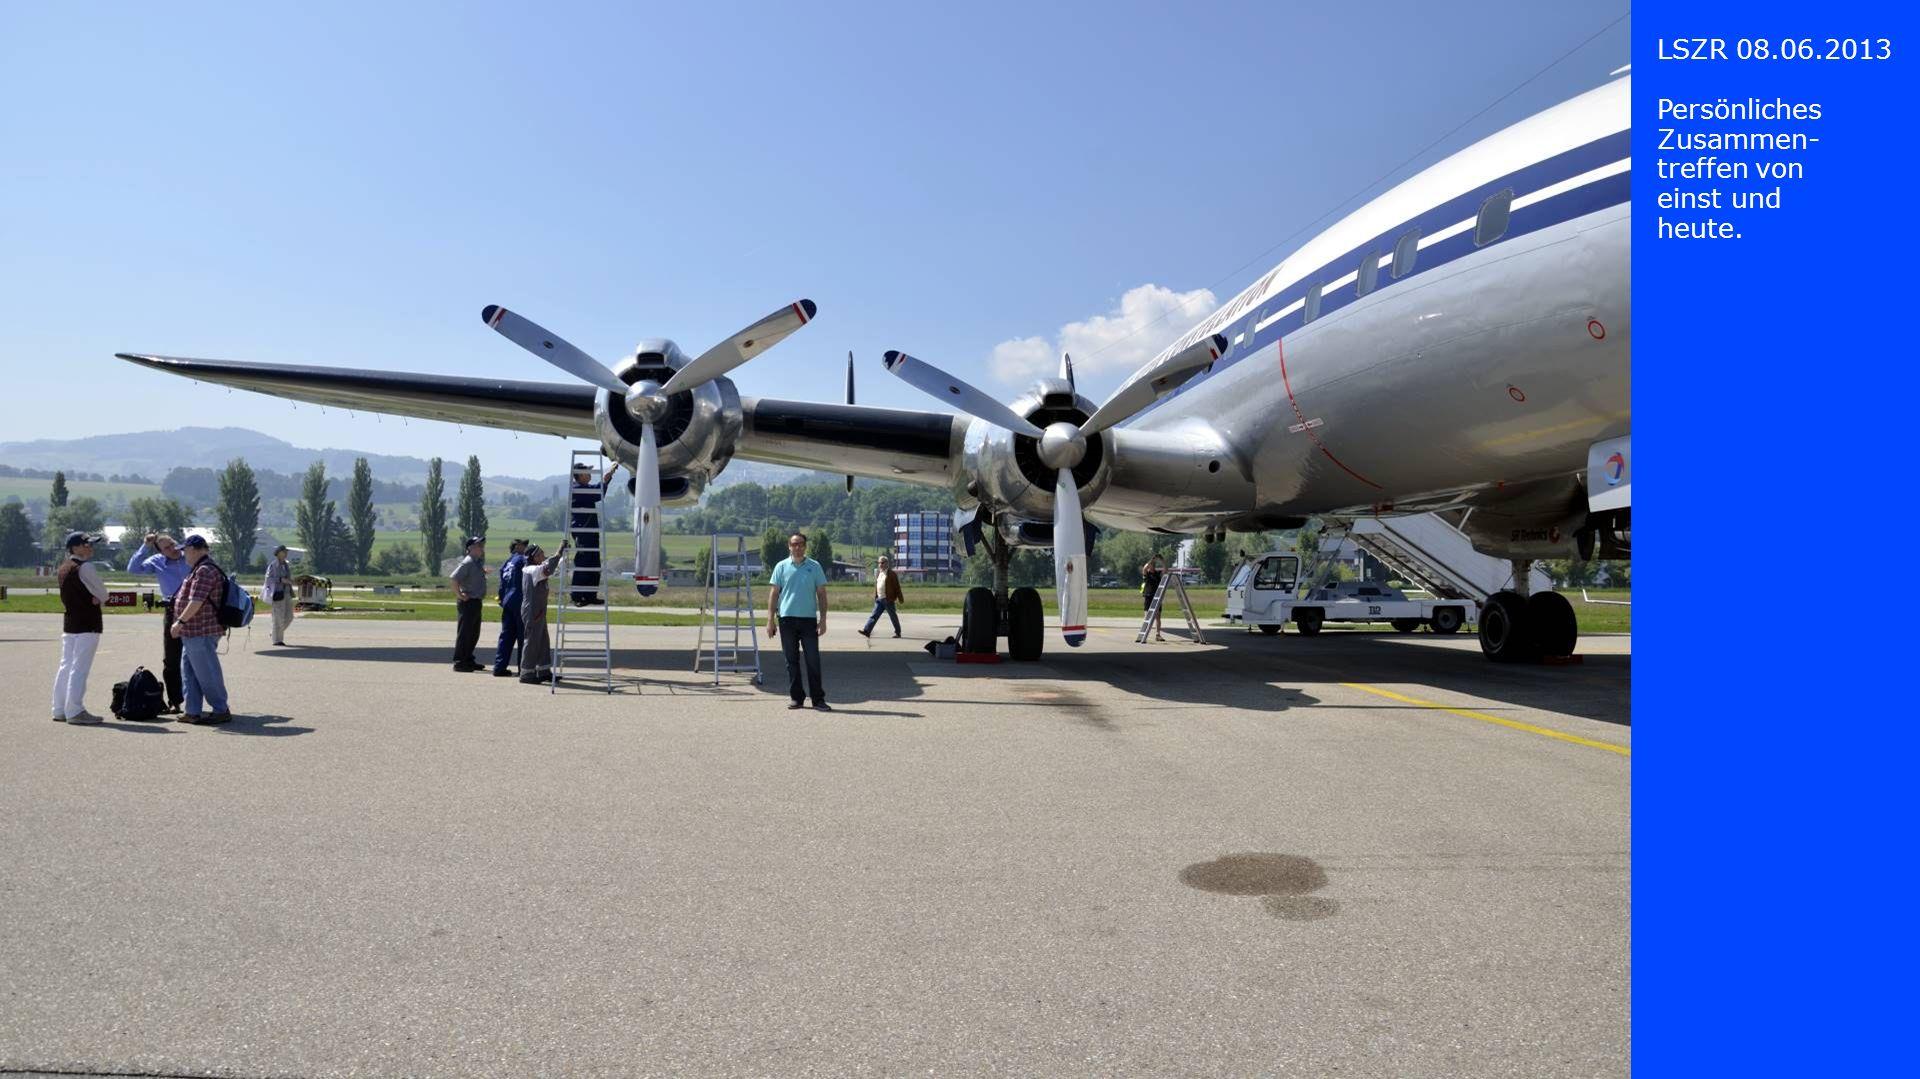 LSZR 08.06.2013 Der lange, ge- schwungene Rumpf, konstruiert nach den Spezifika- tionen von Howard Hughes.